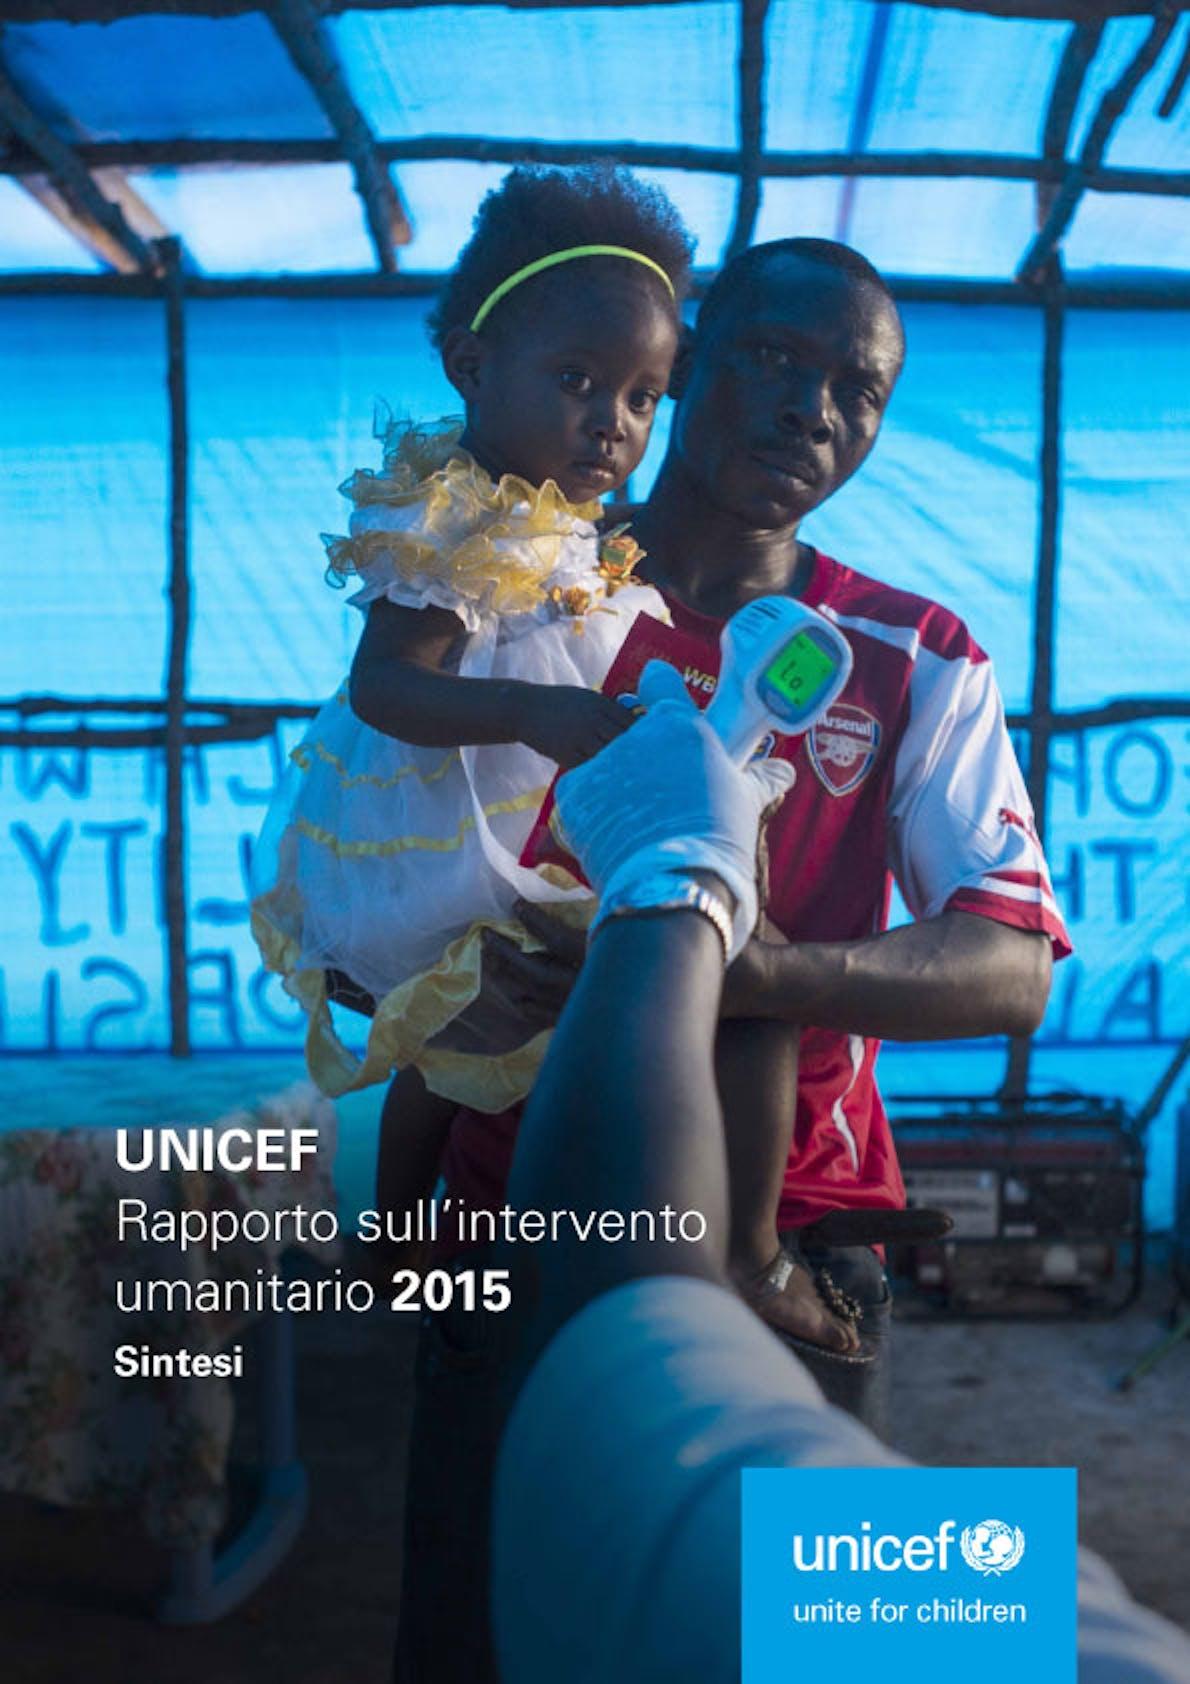 Rapporto sull'intervento umanitario UNICEF 2015